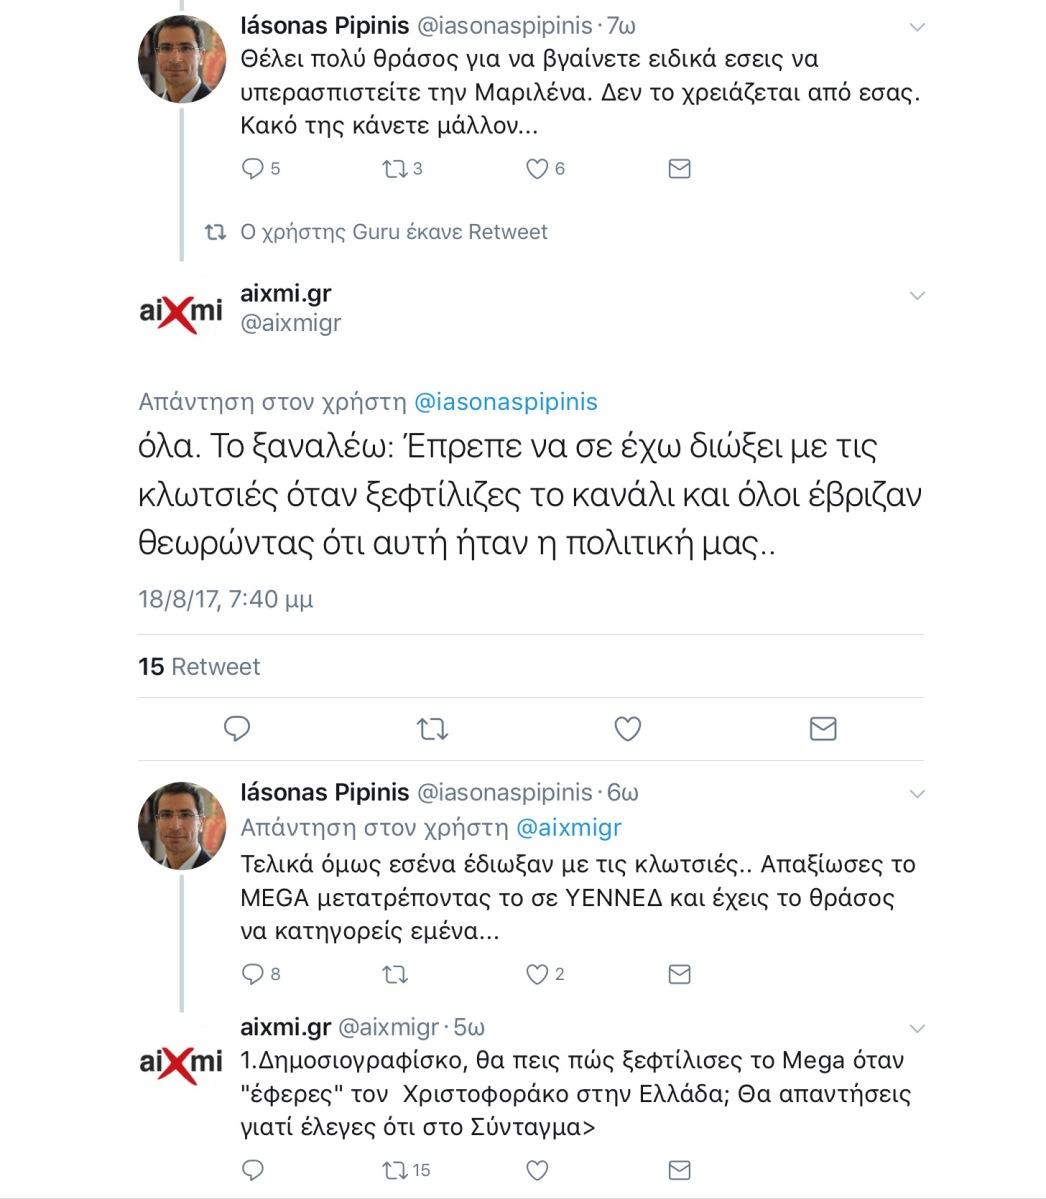 """Διευθυντής ενημέρωσης του Mega σε γνωστό δημοσιογράφο """"Έπρεπε να σε έχω διώξει με τις κλωτσιές όταν ξεφτίλιζες το κανάλι"""""""